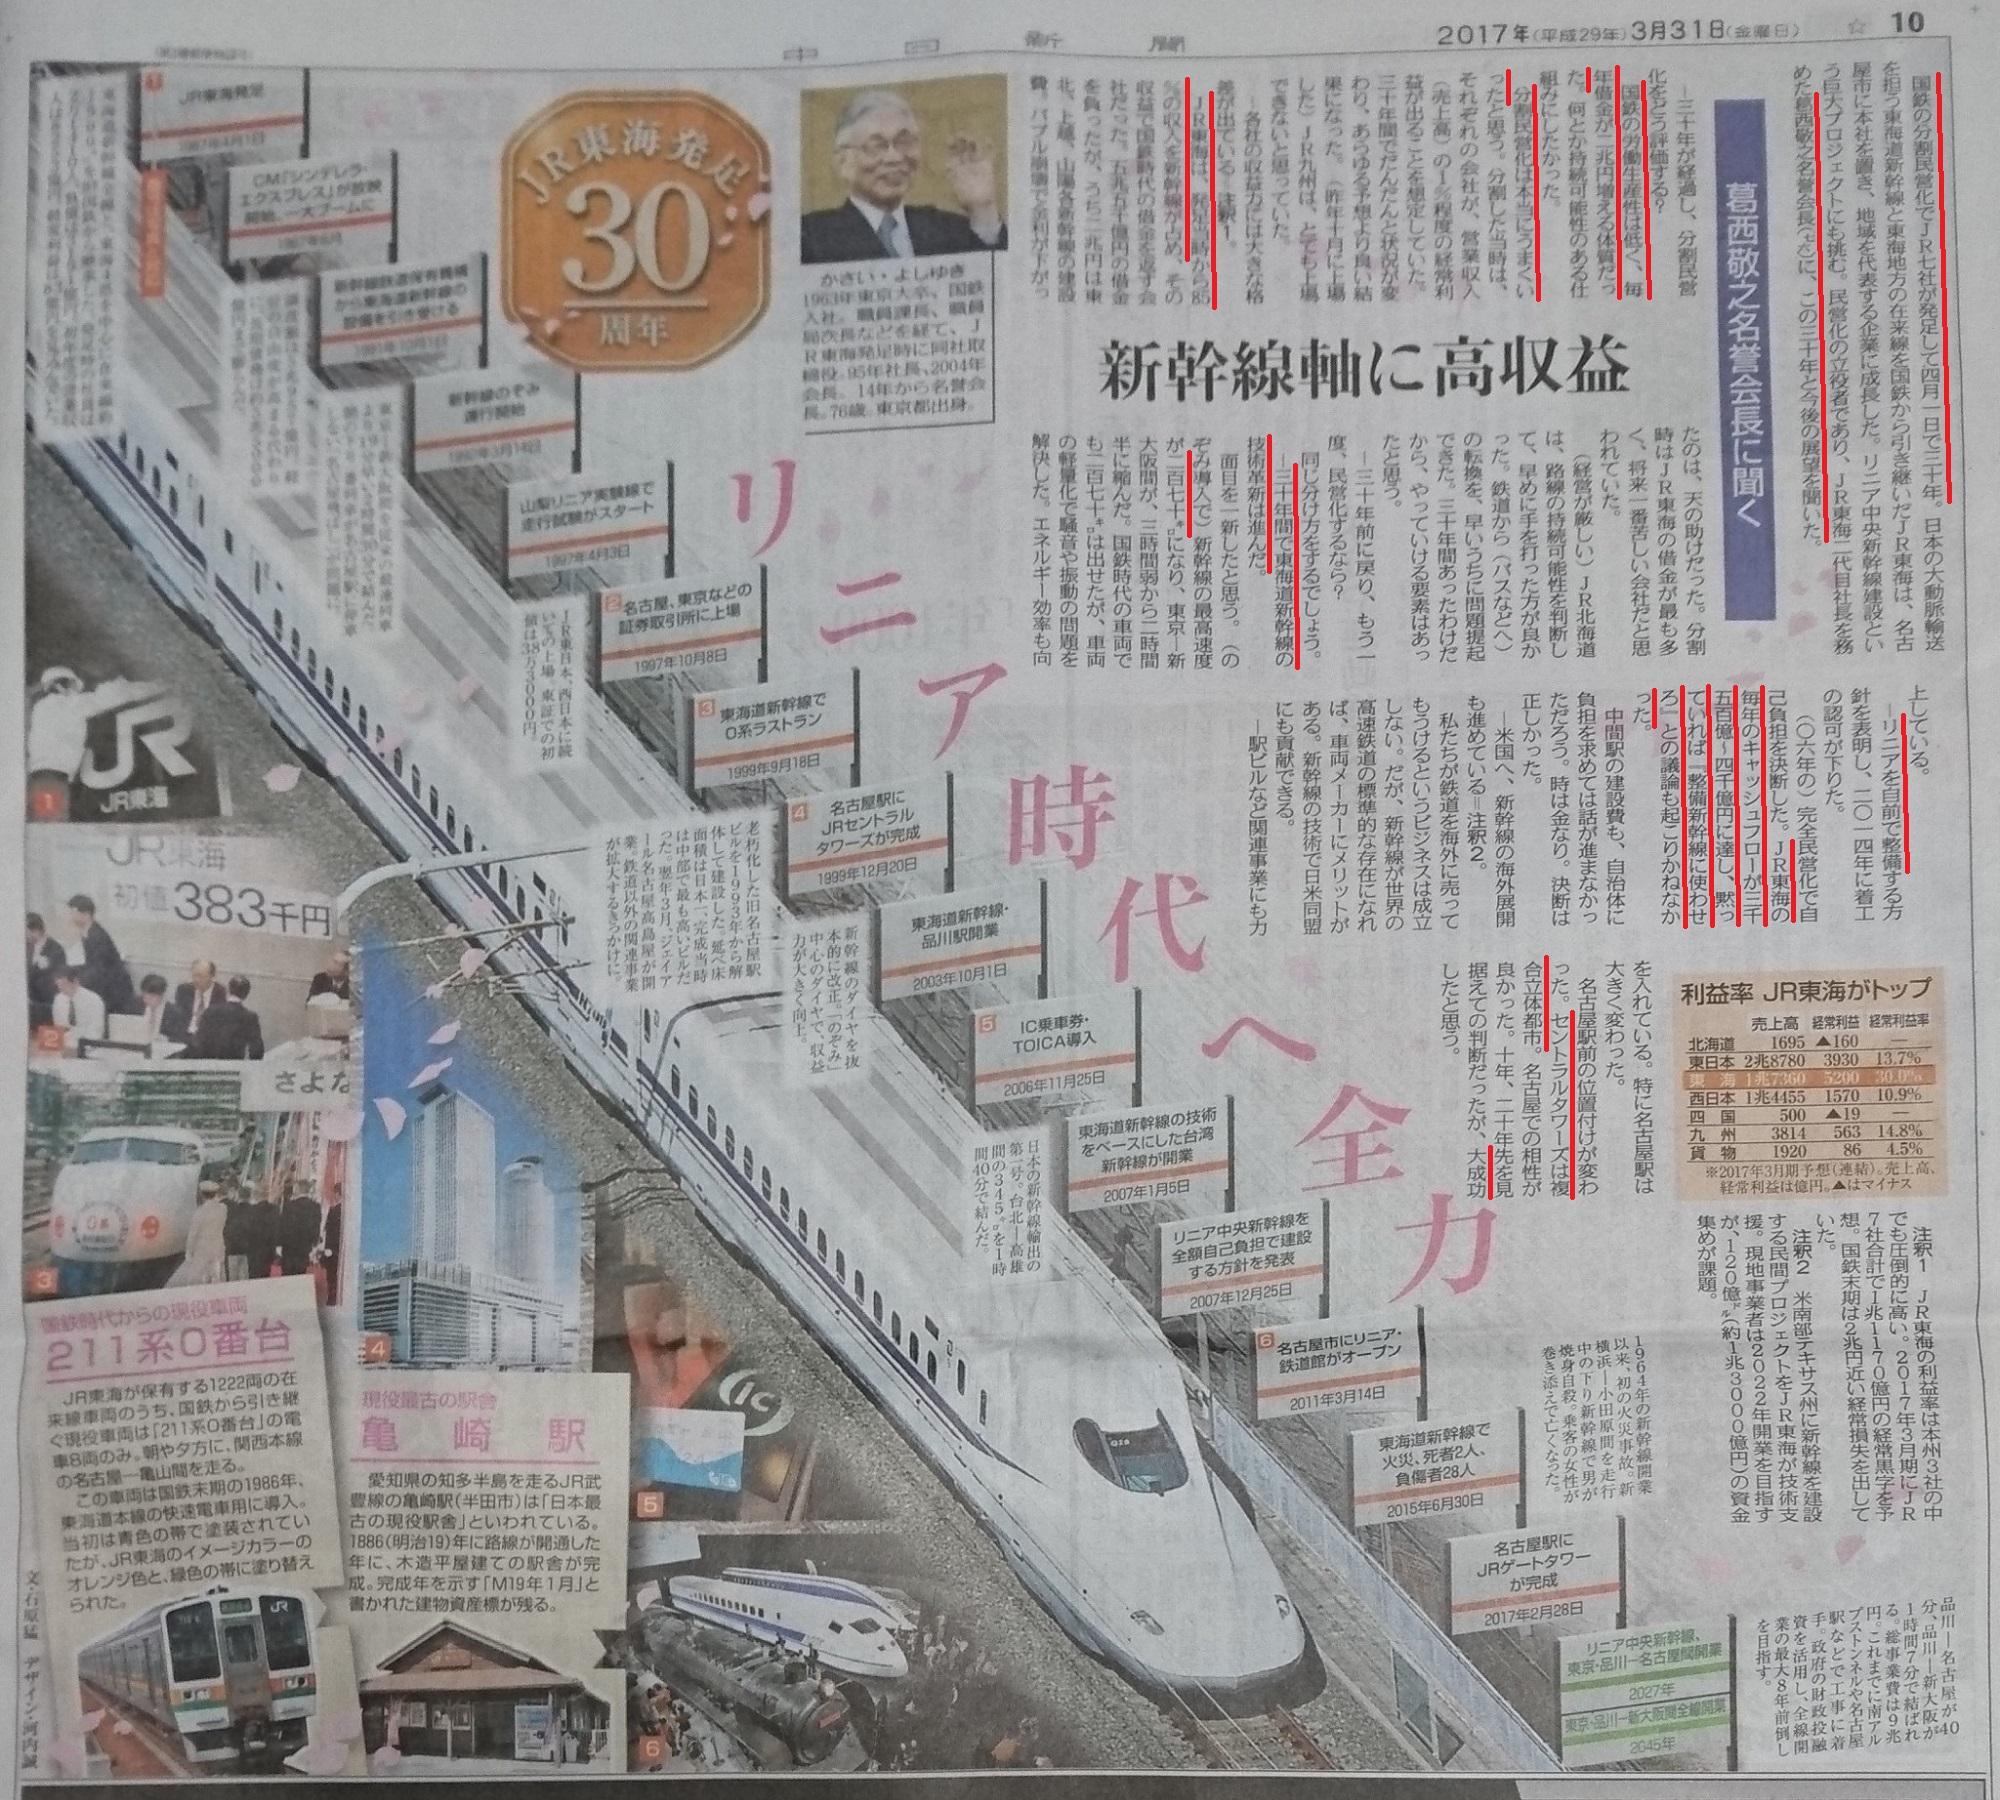 葛西敬之名誉会長にきく - ちゅうにち 2017.3.31